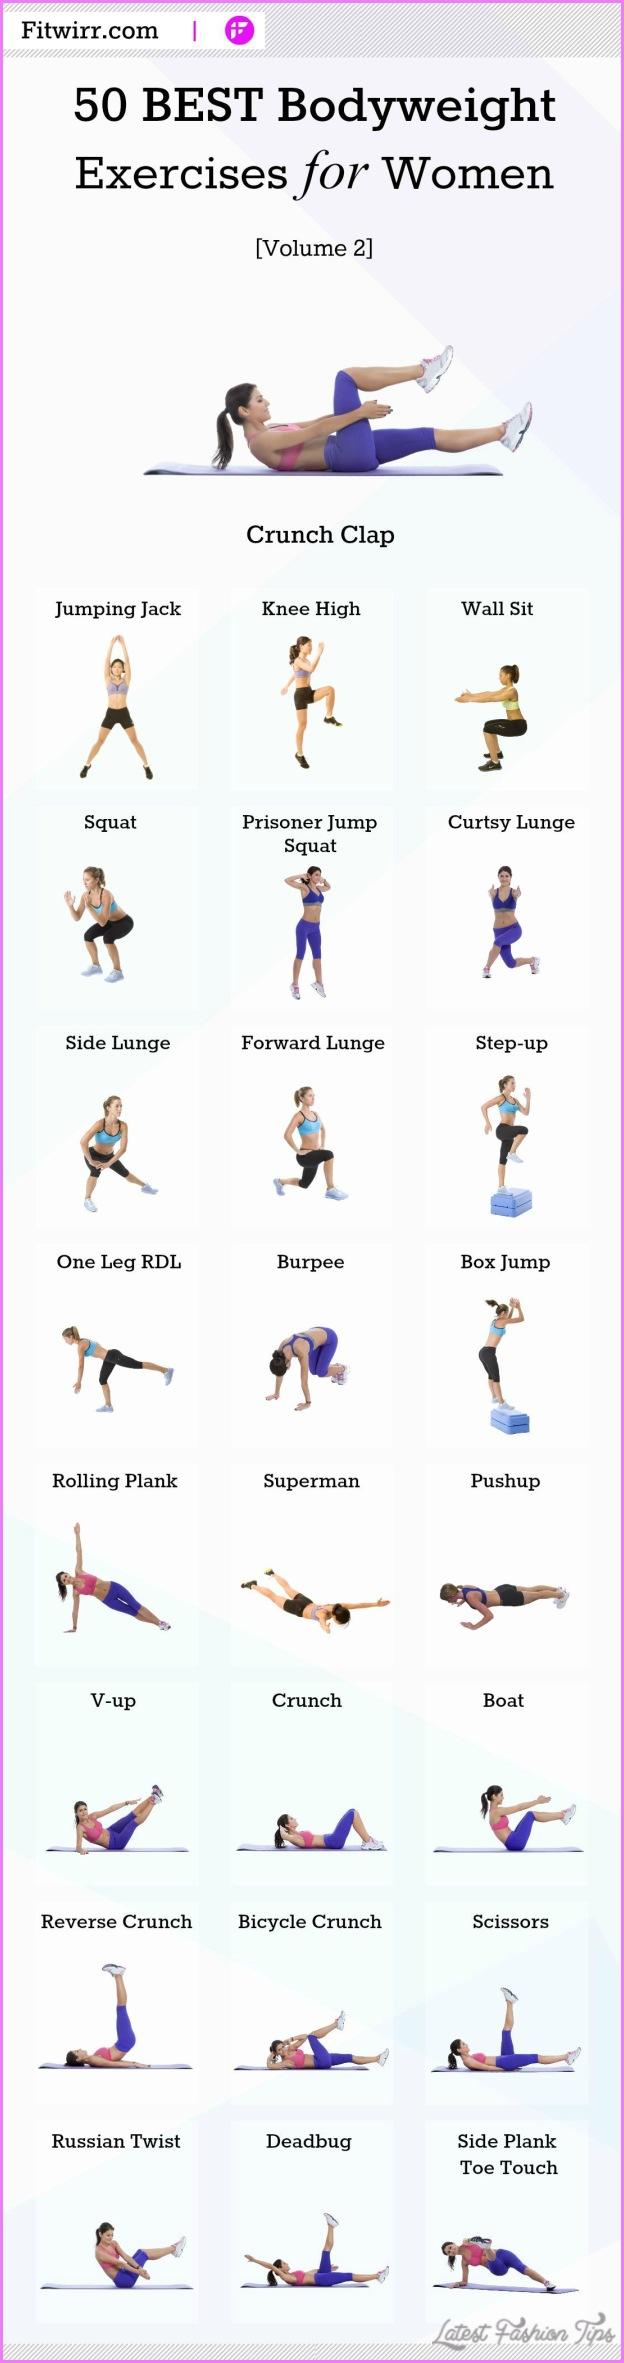 Body Weight Exercises For Women_14.jpg